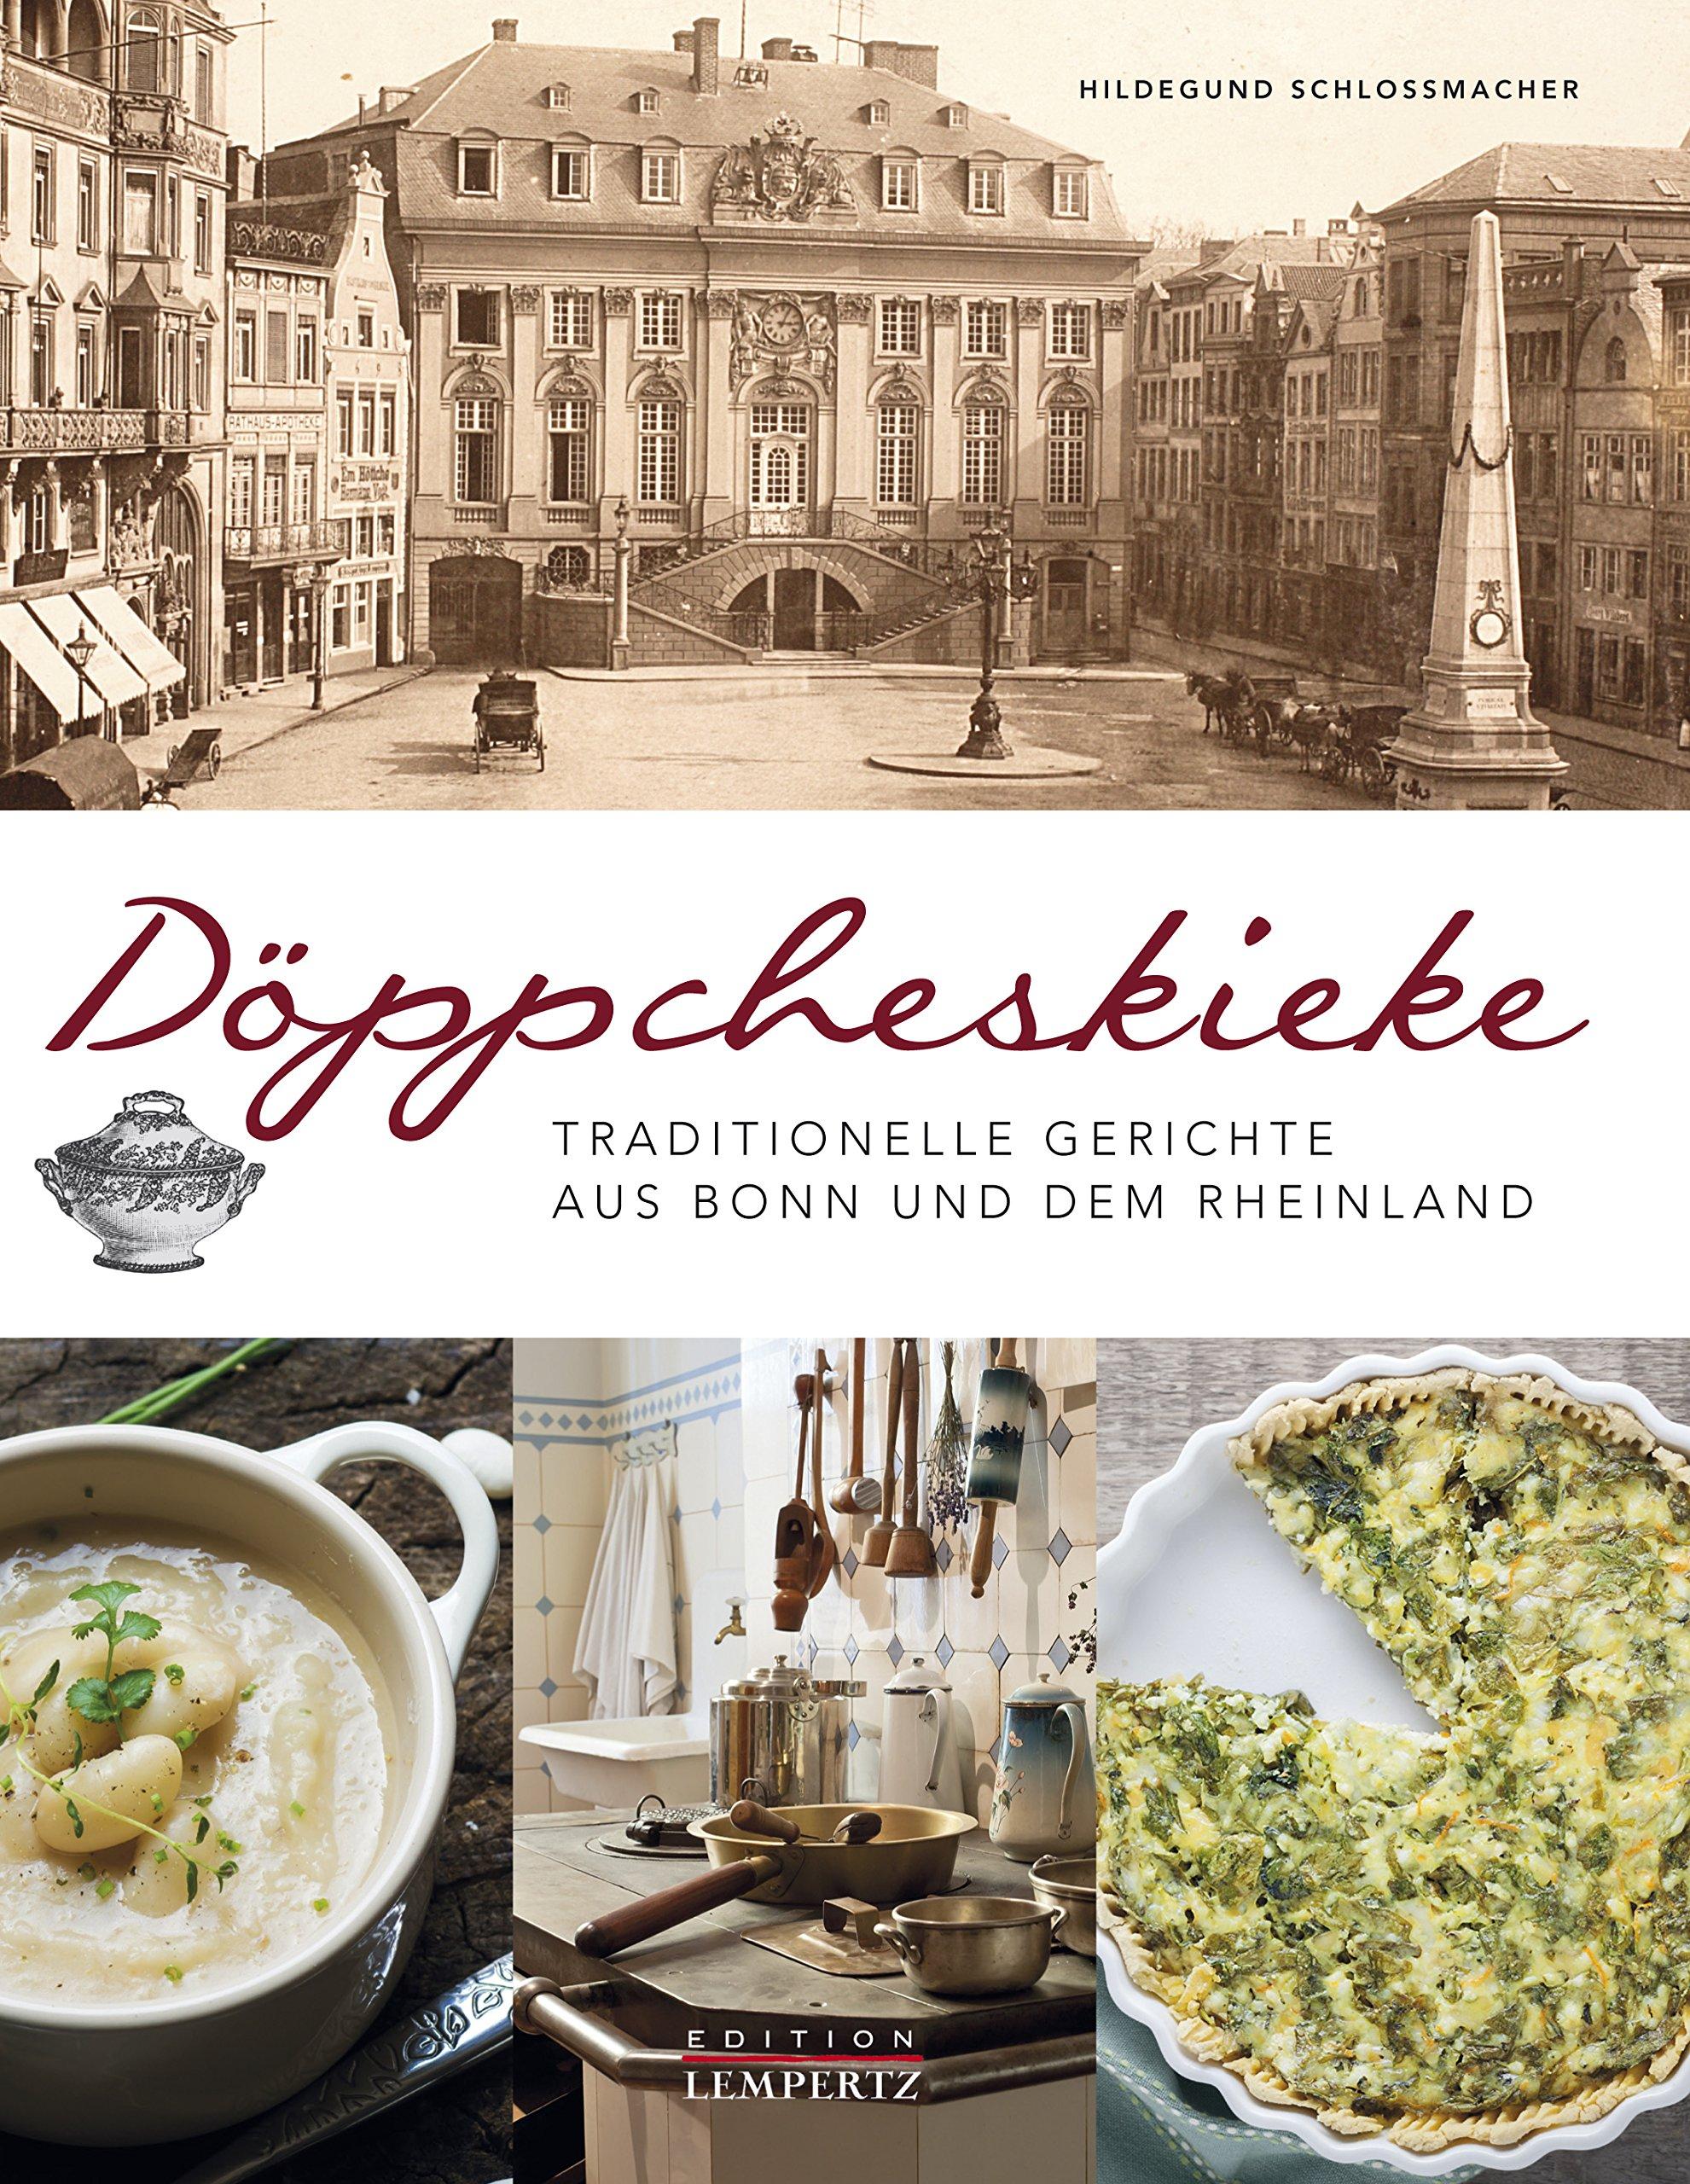 Doppcheskieke Traditionelle Gerichte Aus Bonn Und Dem Rheinland